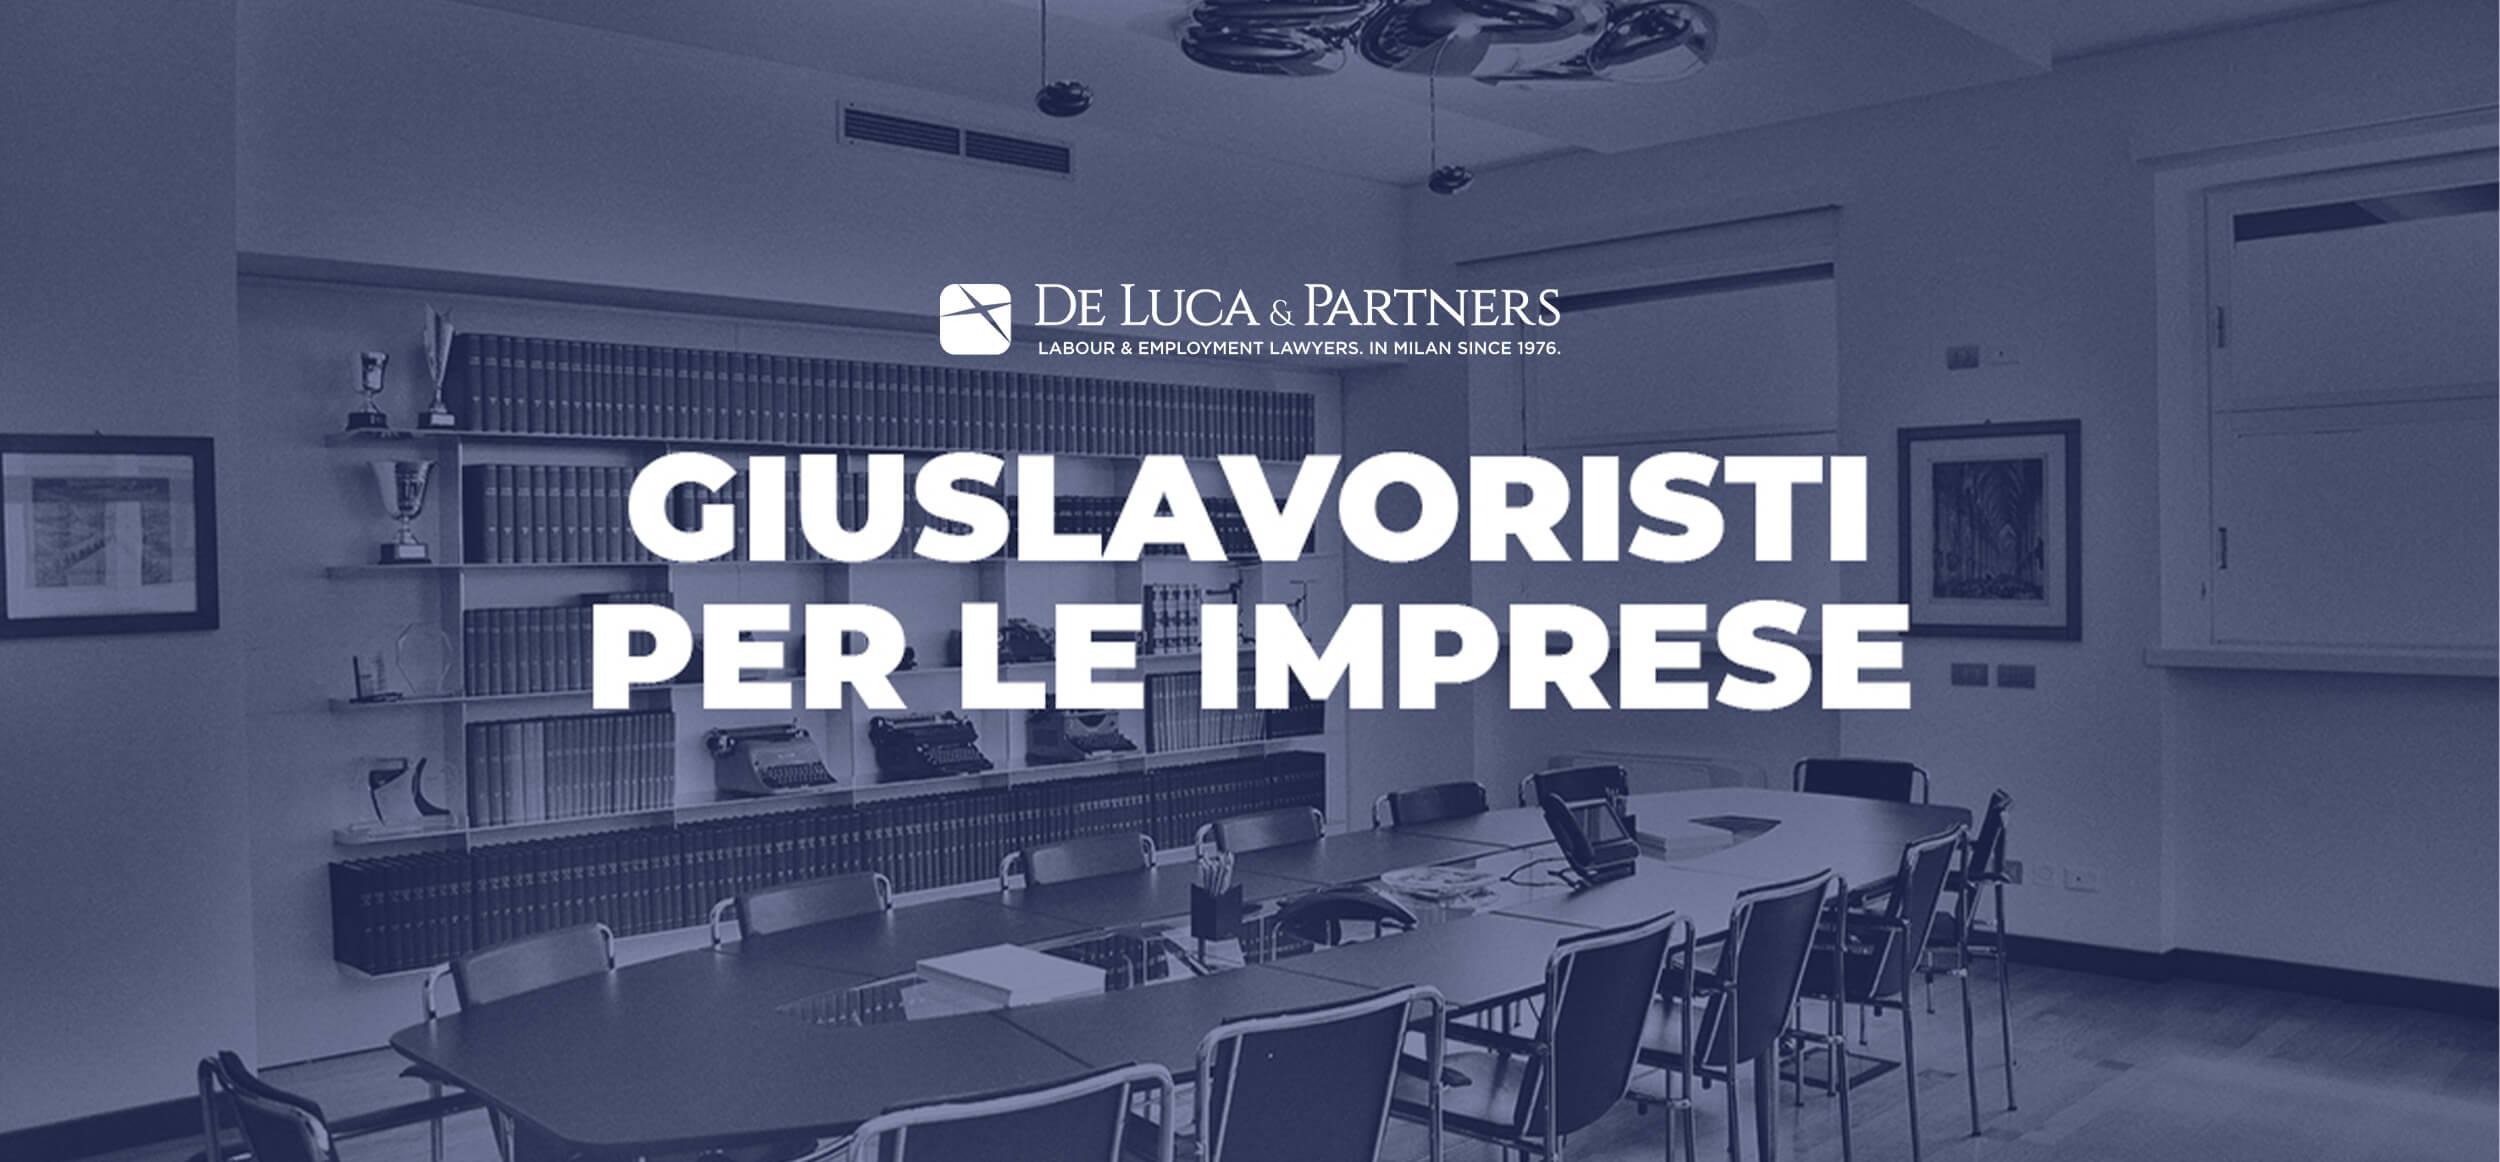 Online con De Luca & Partners